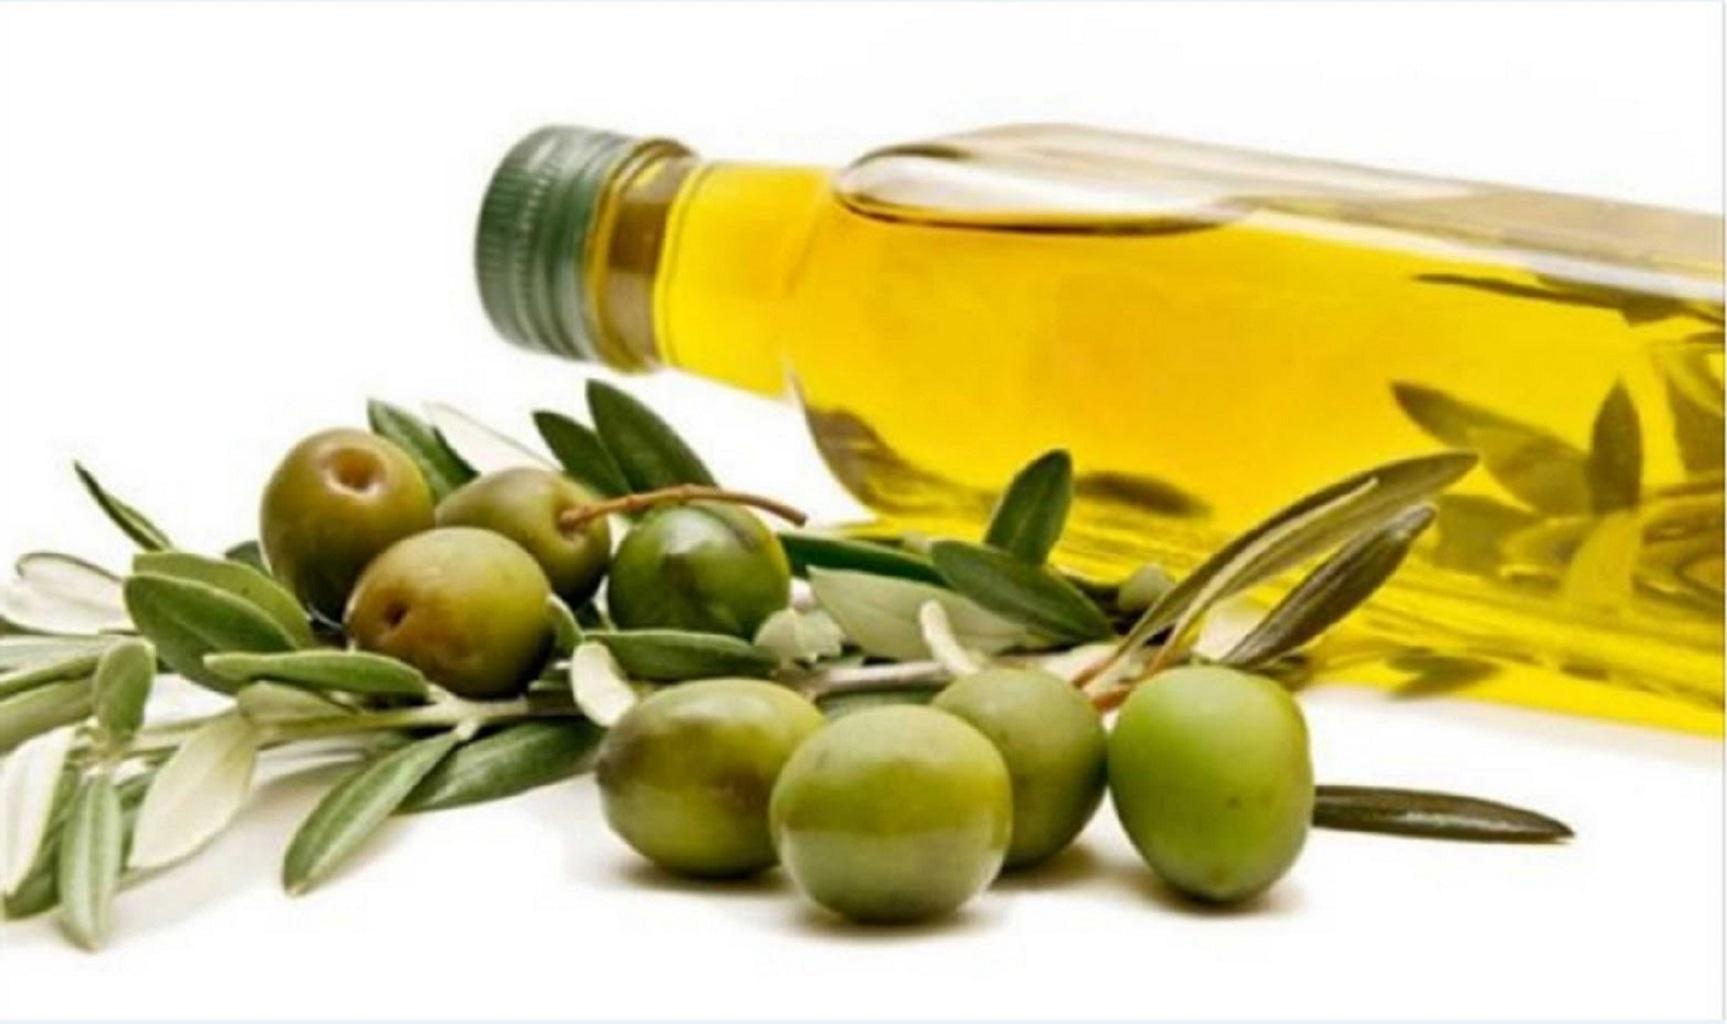 O Azeite de Oliva Extra Virgem: Fonte Inesgotável de Saúde